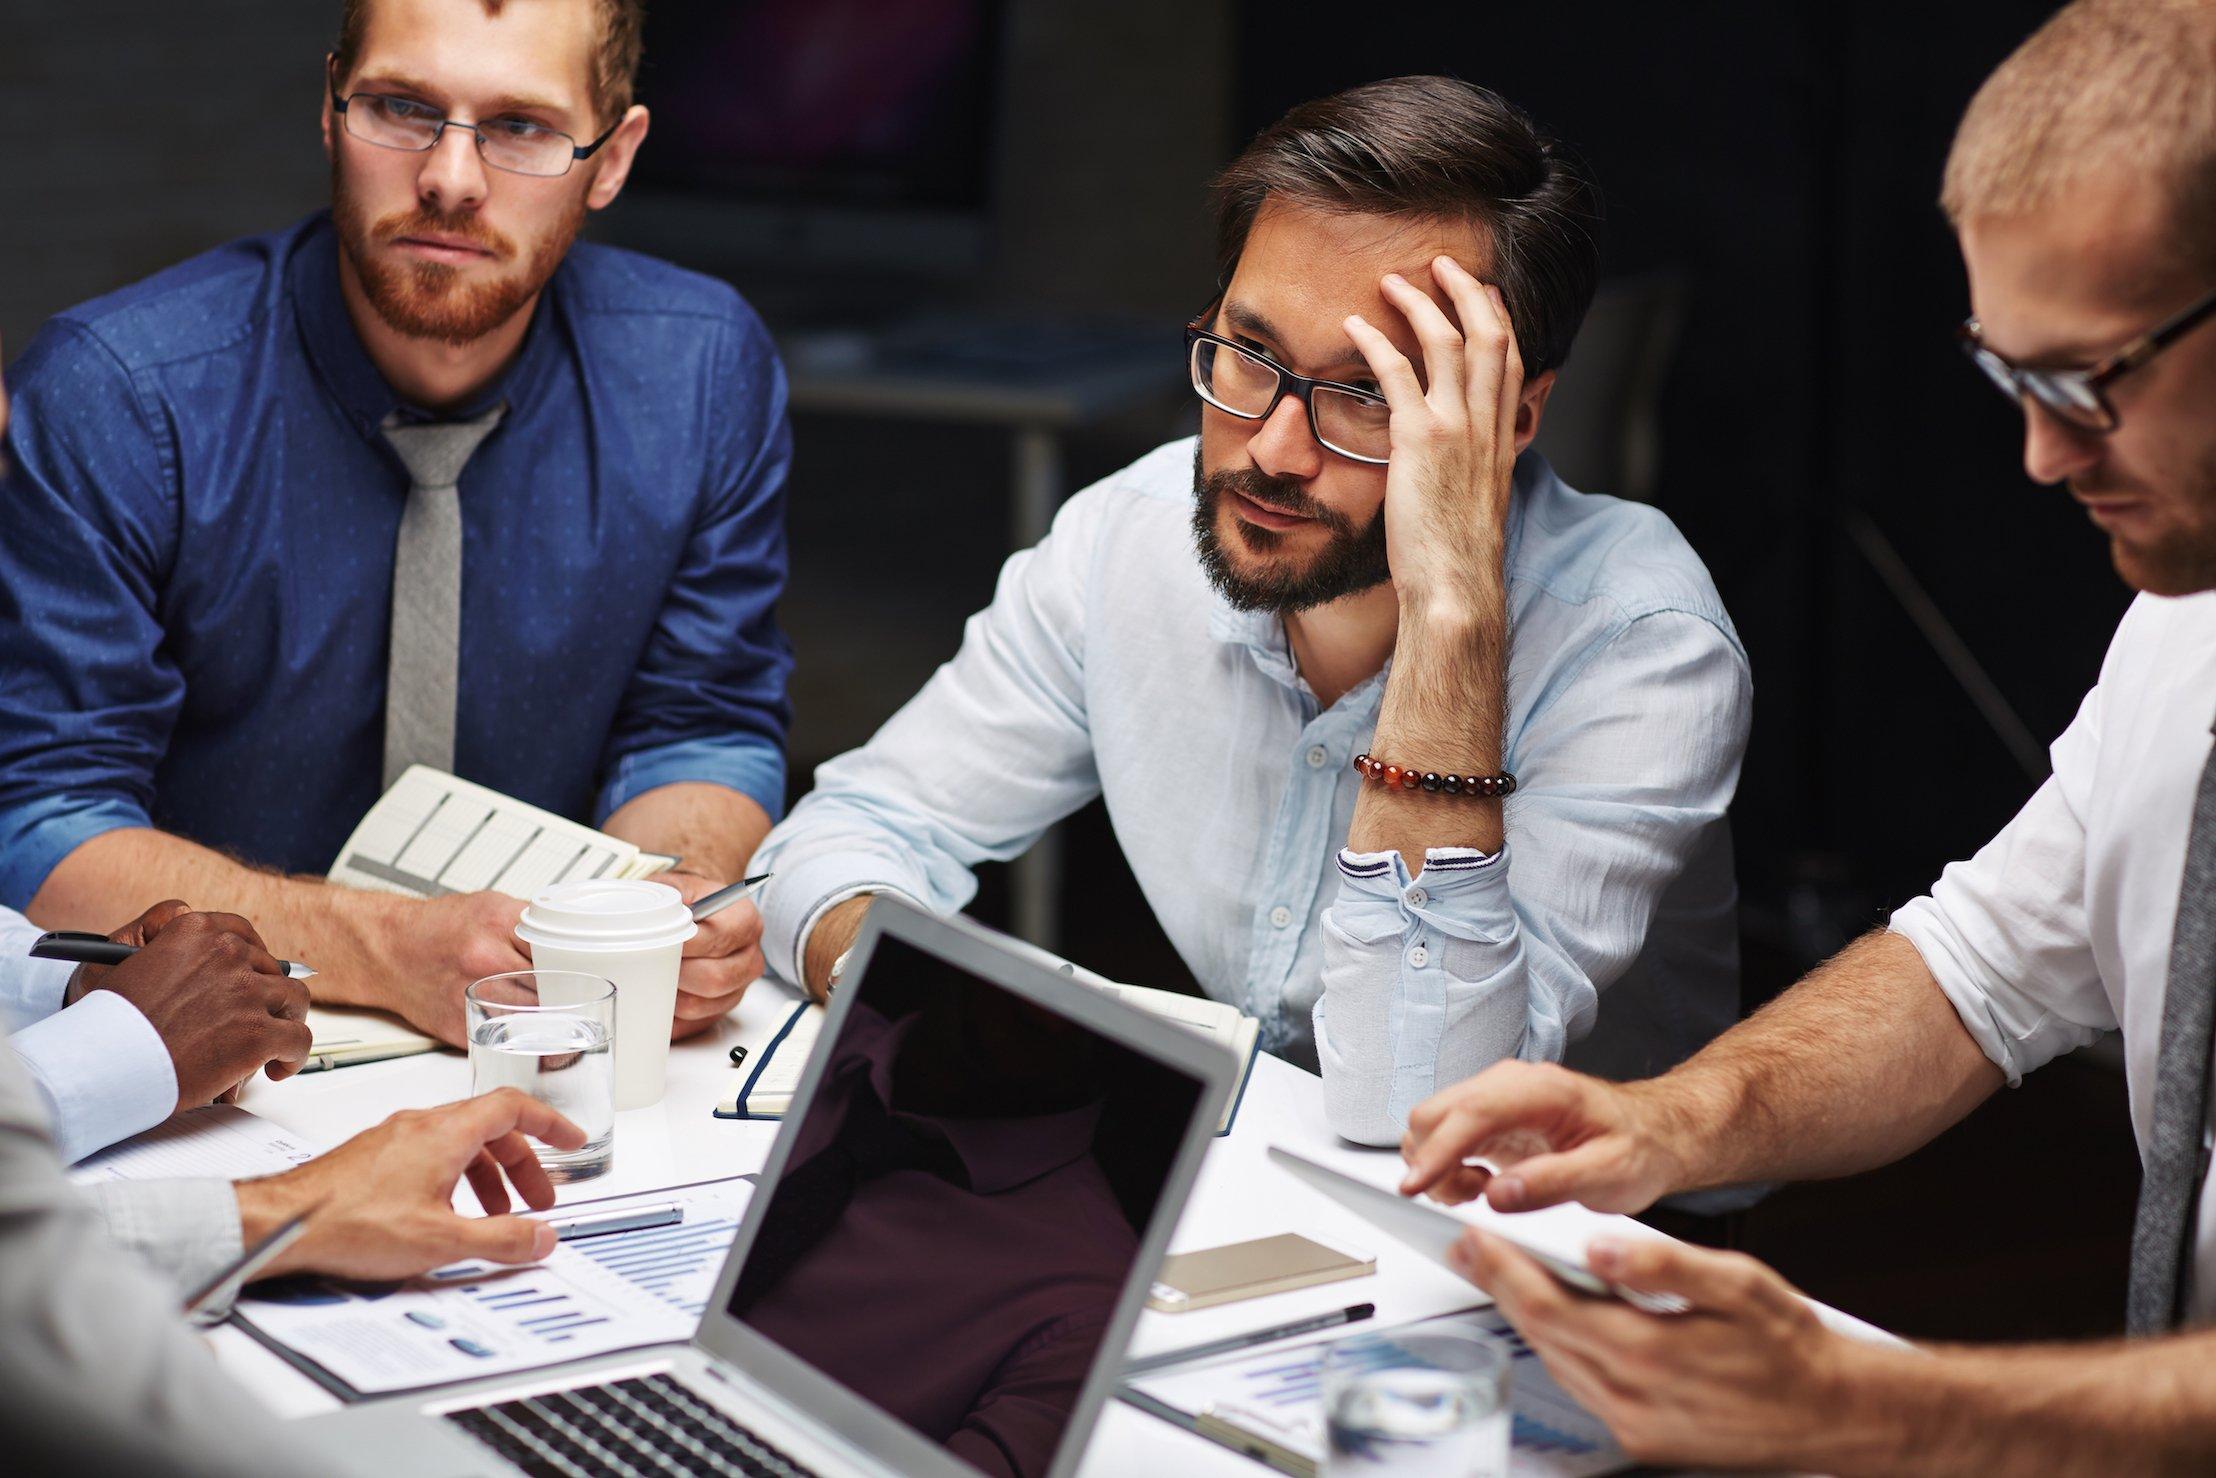 Yrityksen perustaminen: liiketoimintasuunnitelma